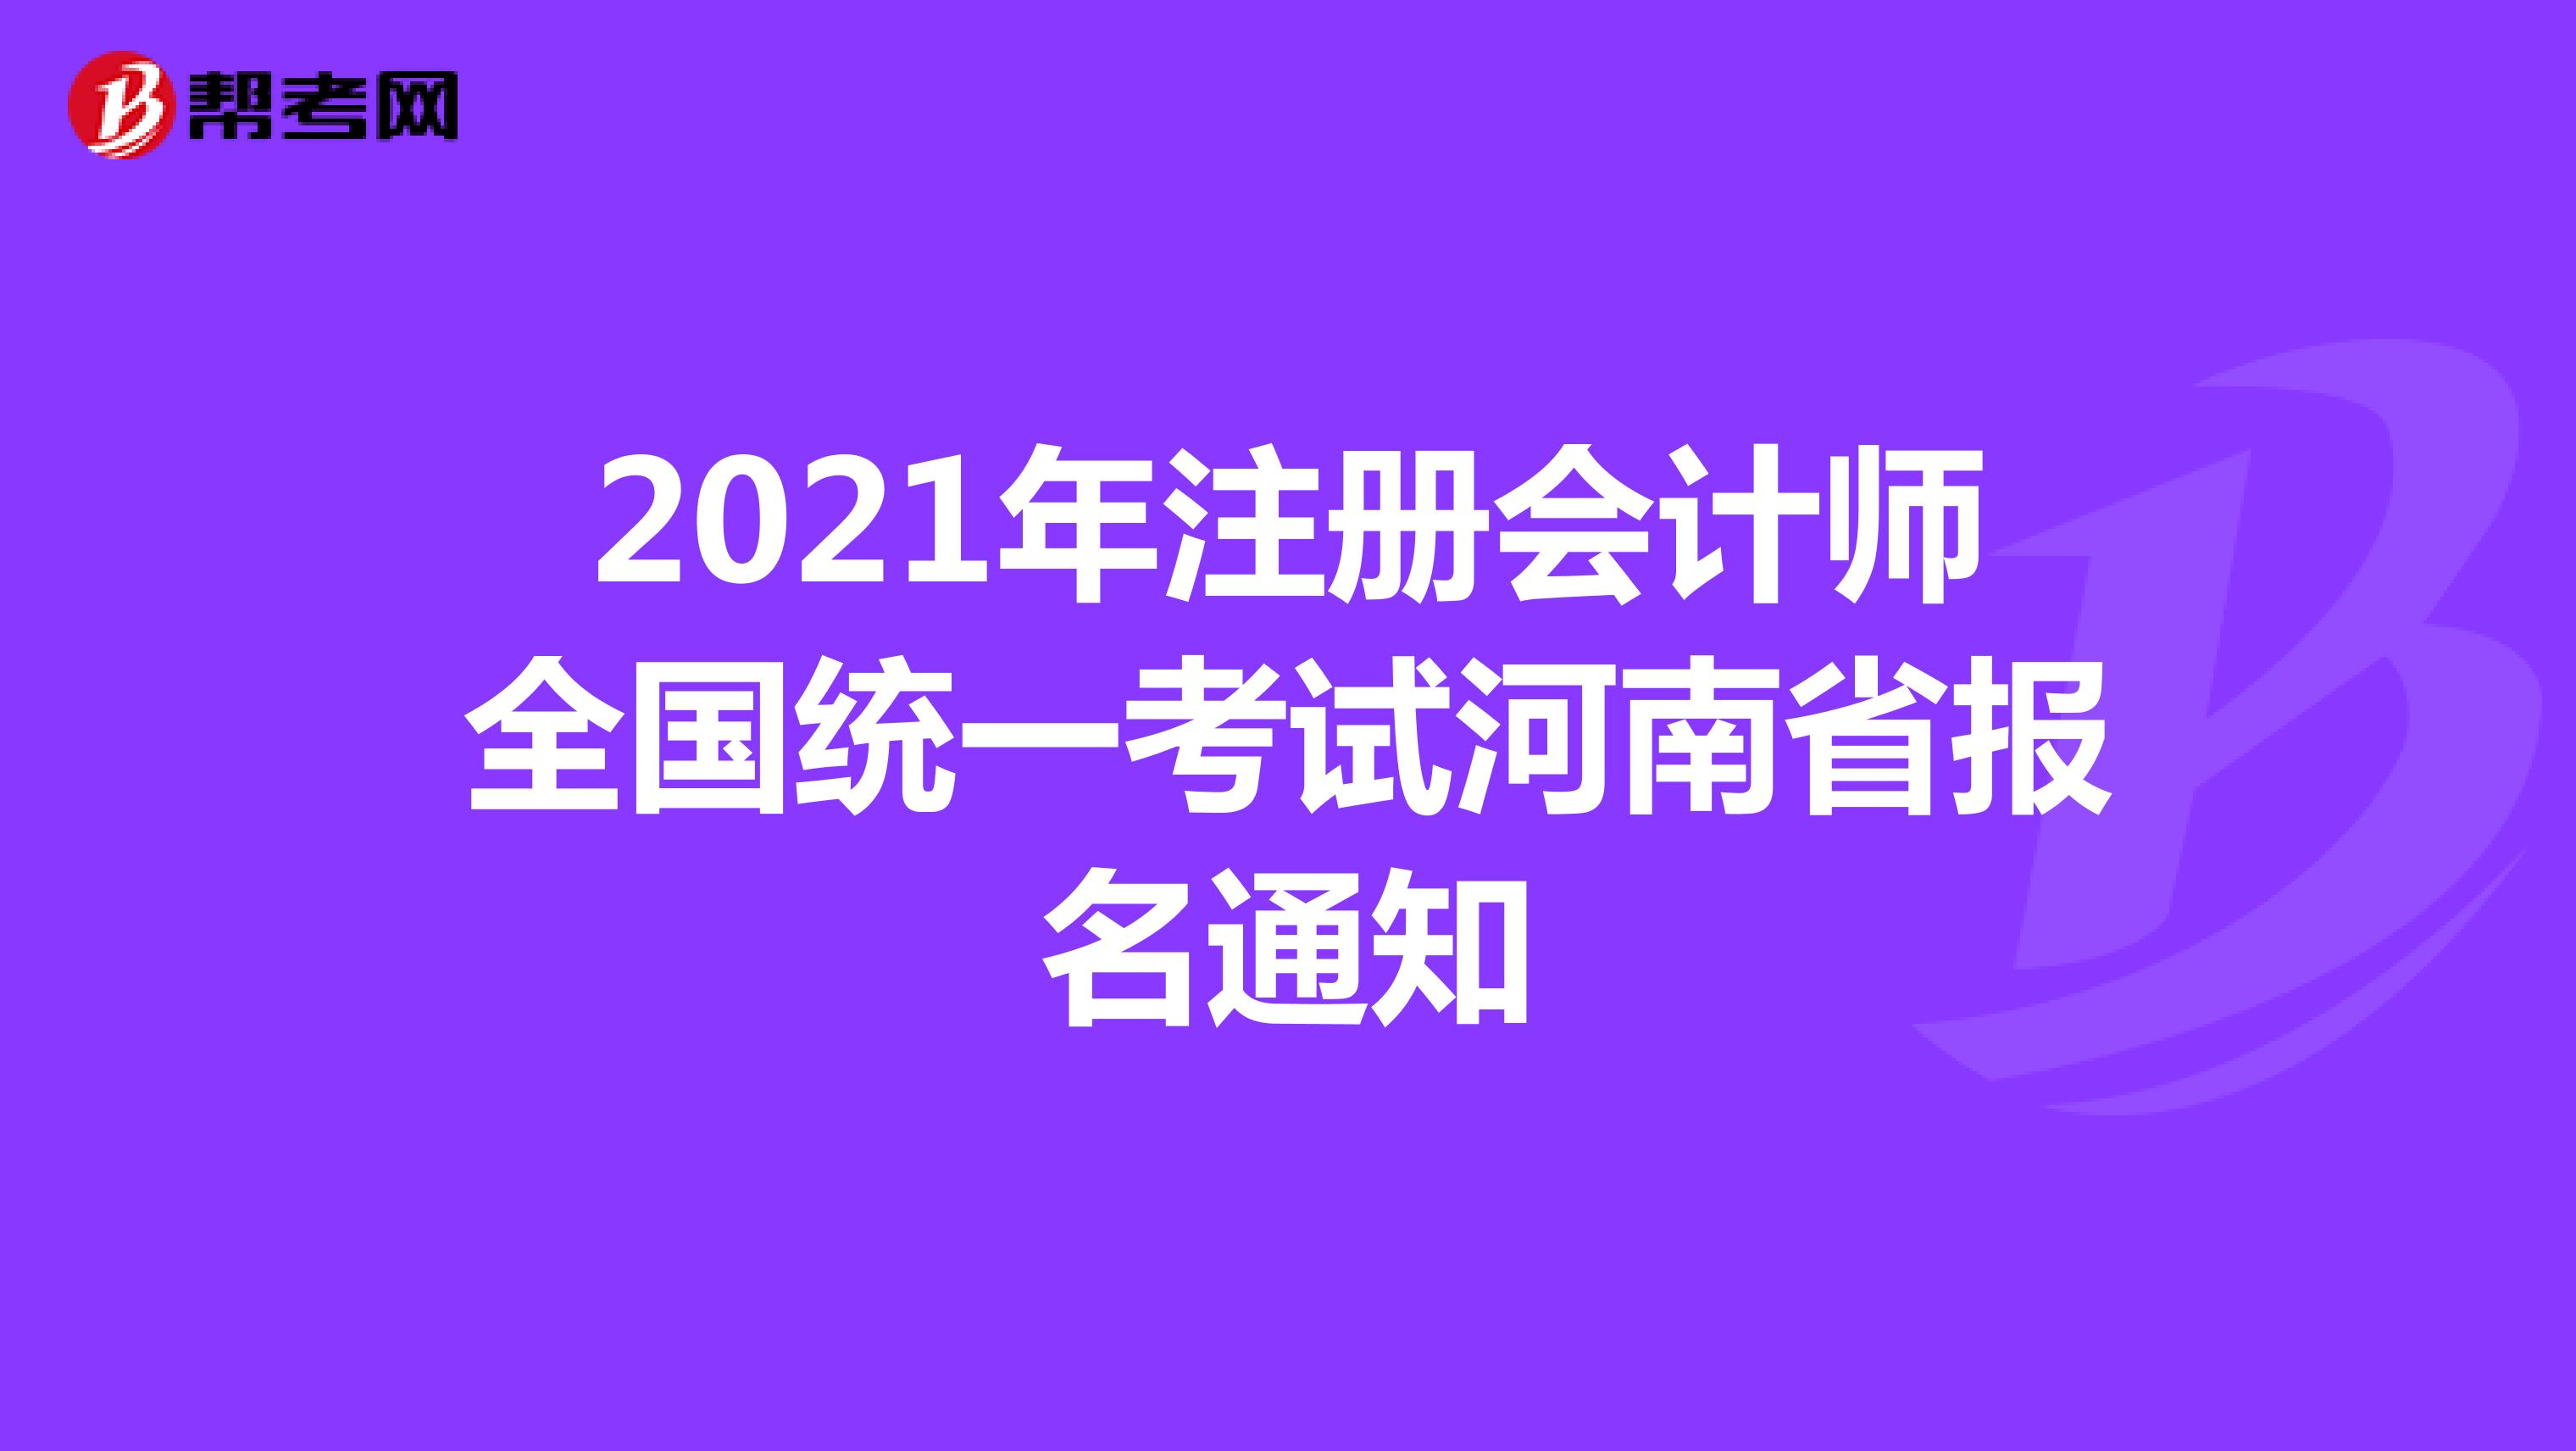 2021年注册会计师全国统一考试河南省报名通知